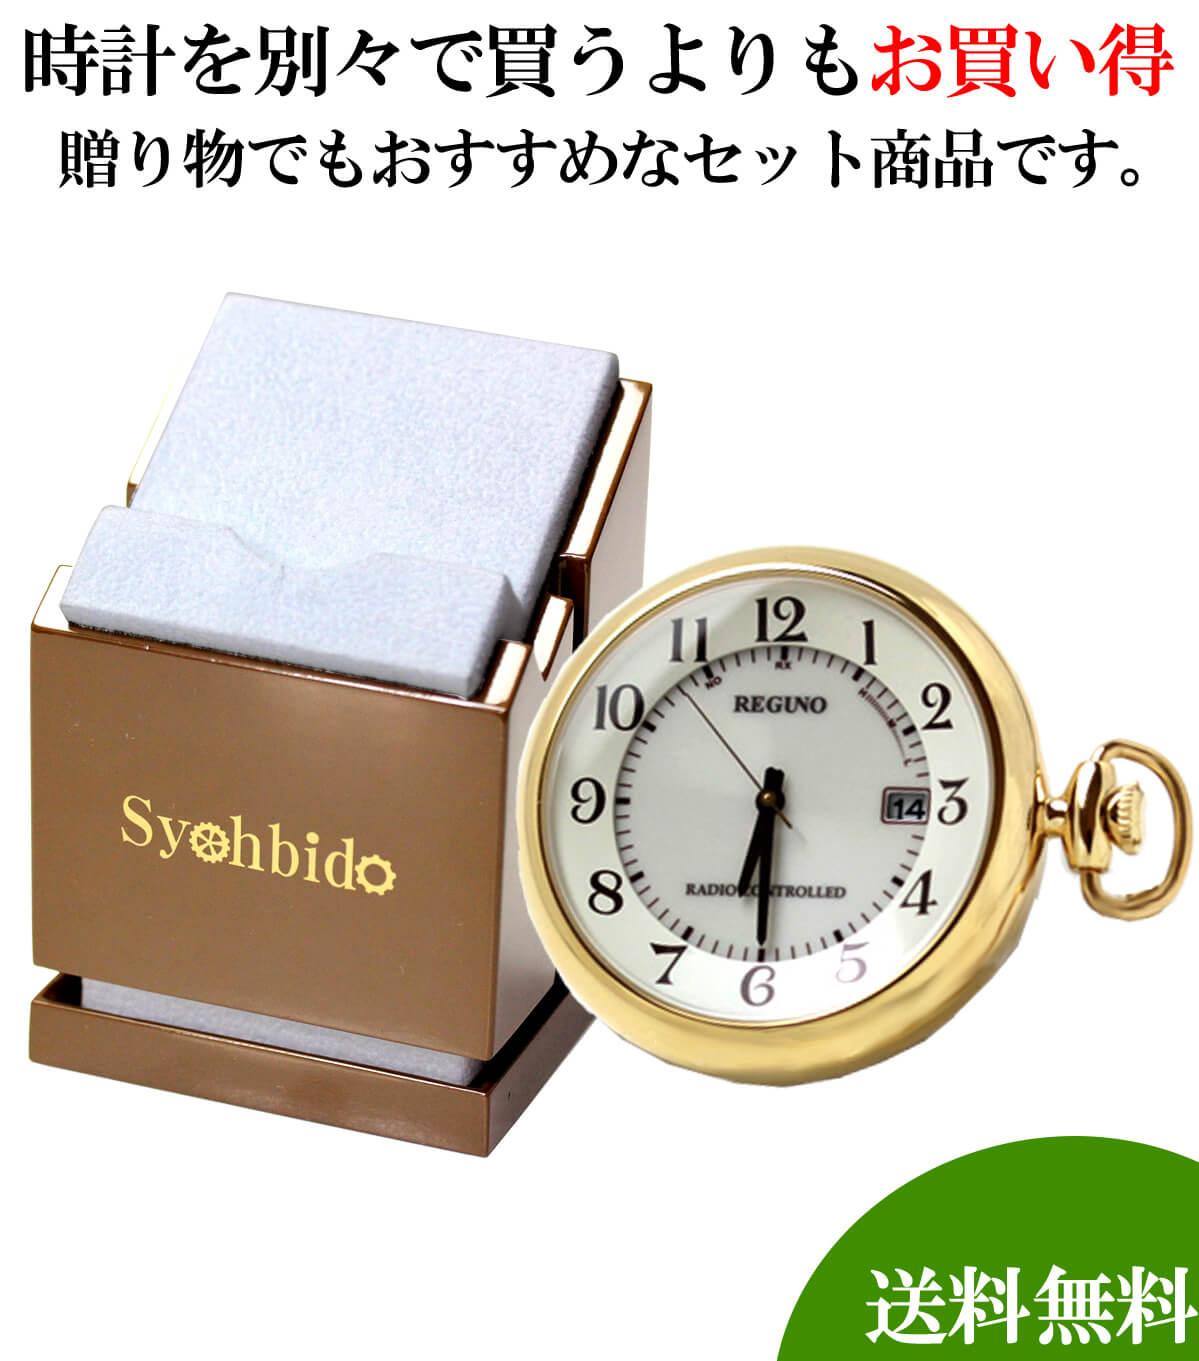 懐中時計と懐中時計専用スタンドのセット kl792231